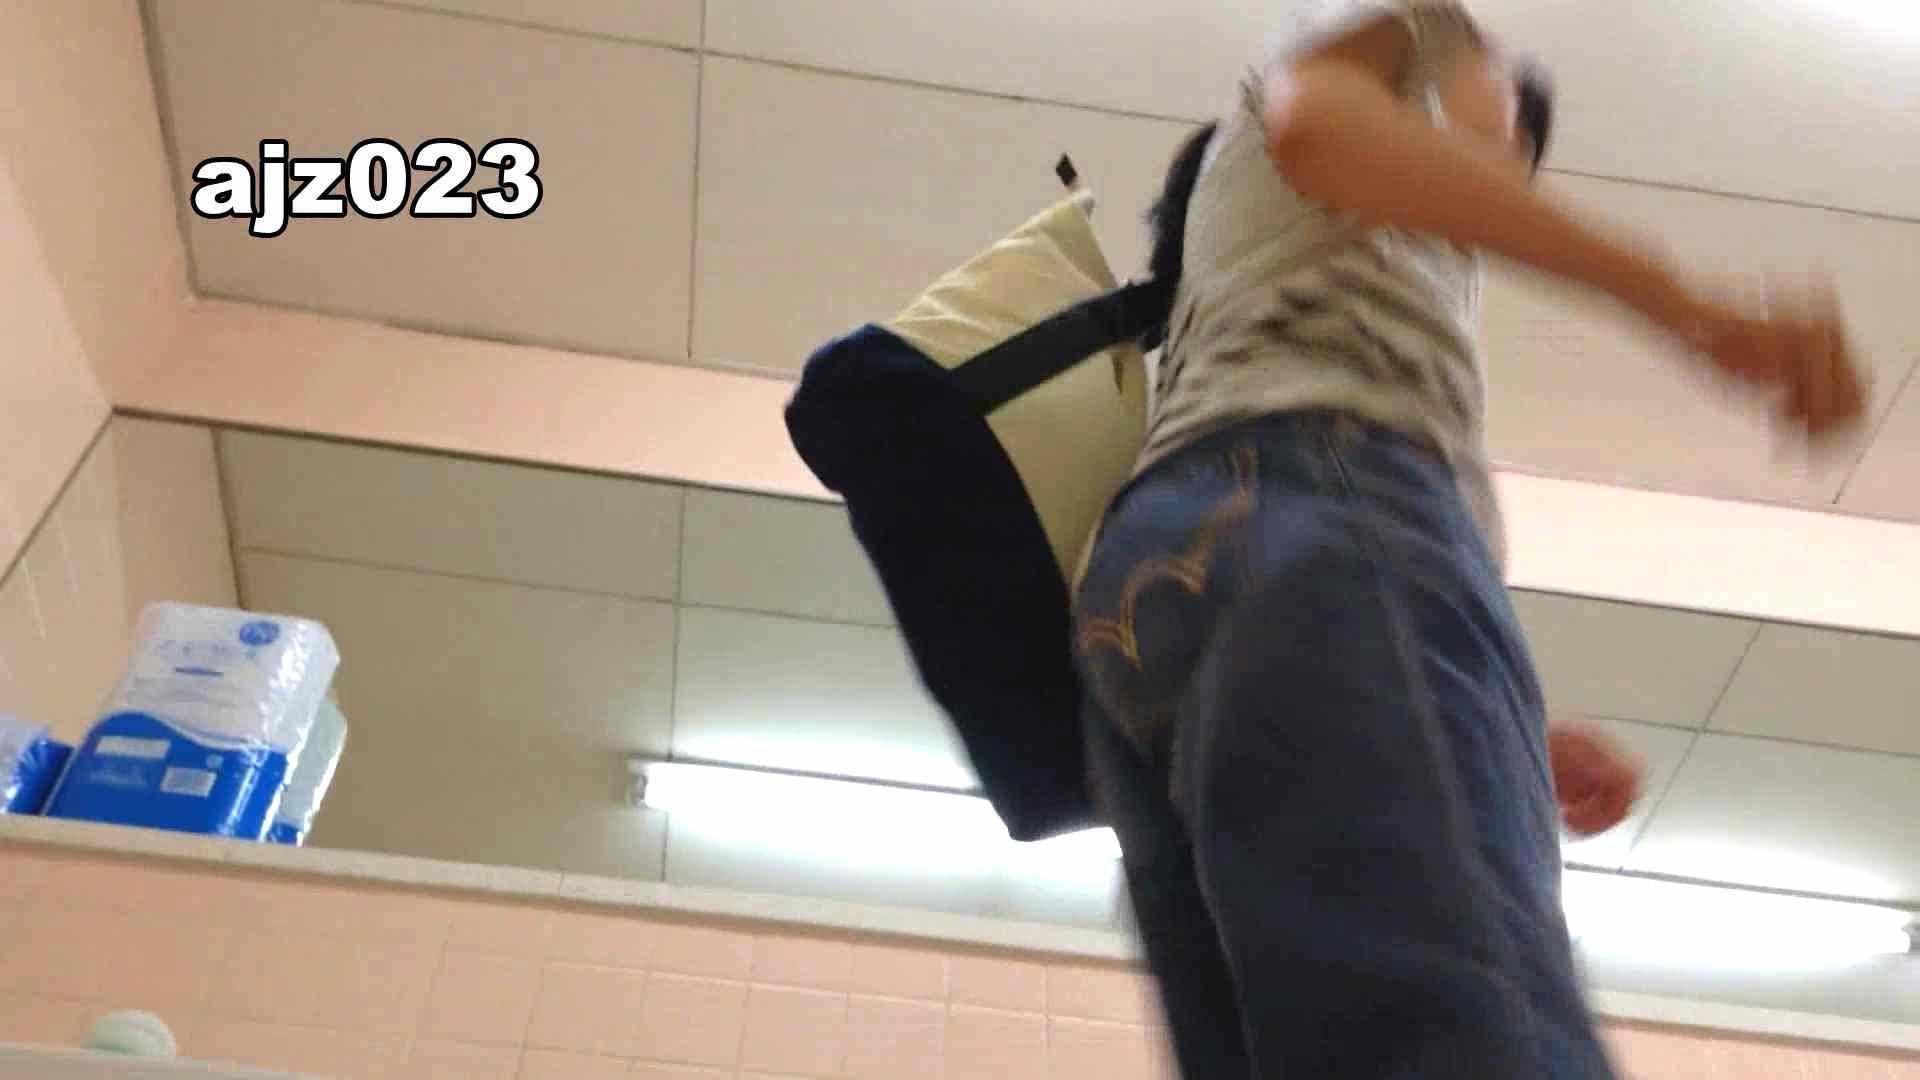 某有名大学女性洗面所 vol.23 OLの実態  52pic 42